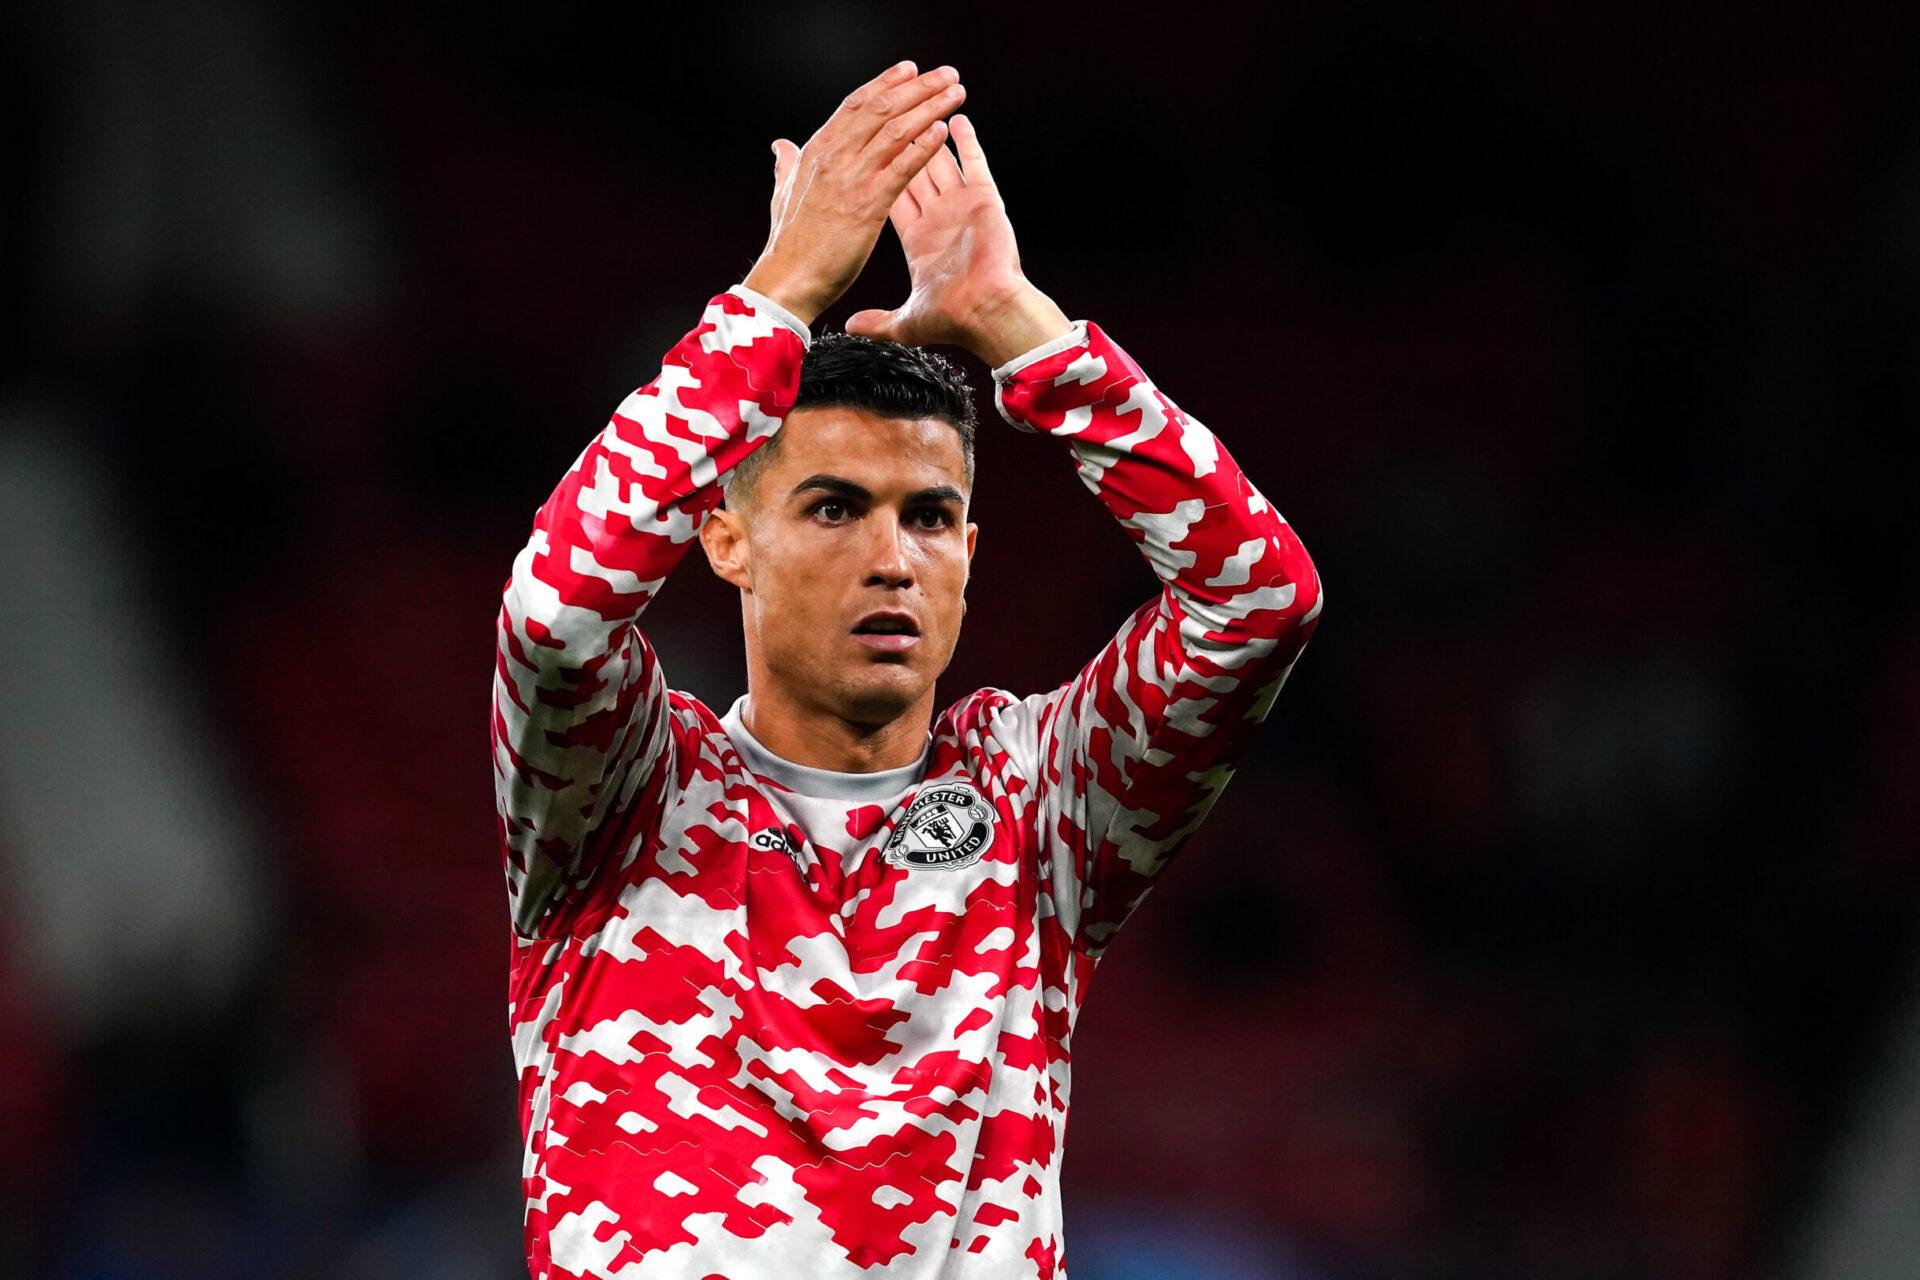 Dix-huit ans après ses débuts dans la compétition, déjà avec la tunique des Red Devils, Ronaldo a battu le record du nombre de matchs joués en Ligue des champions (iconsport)